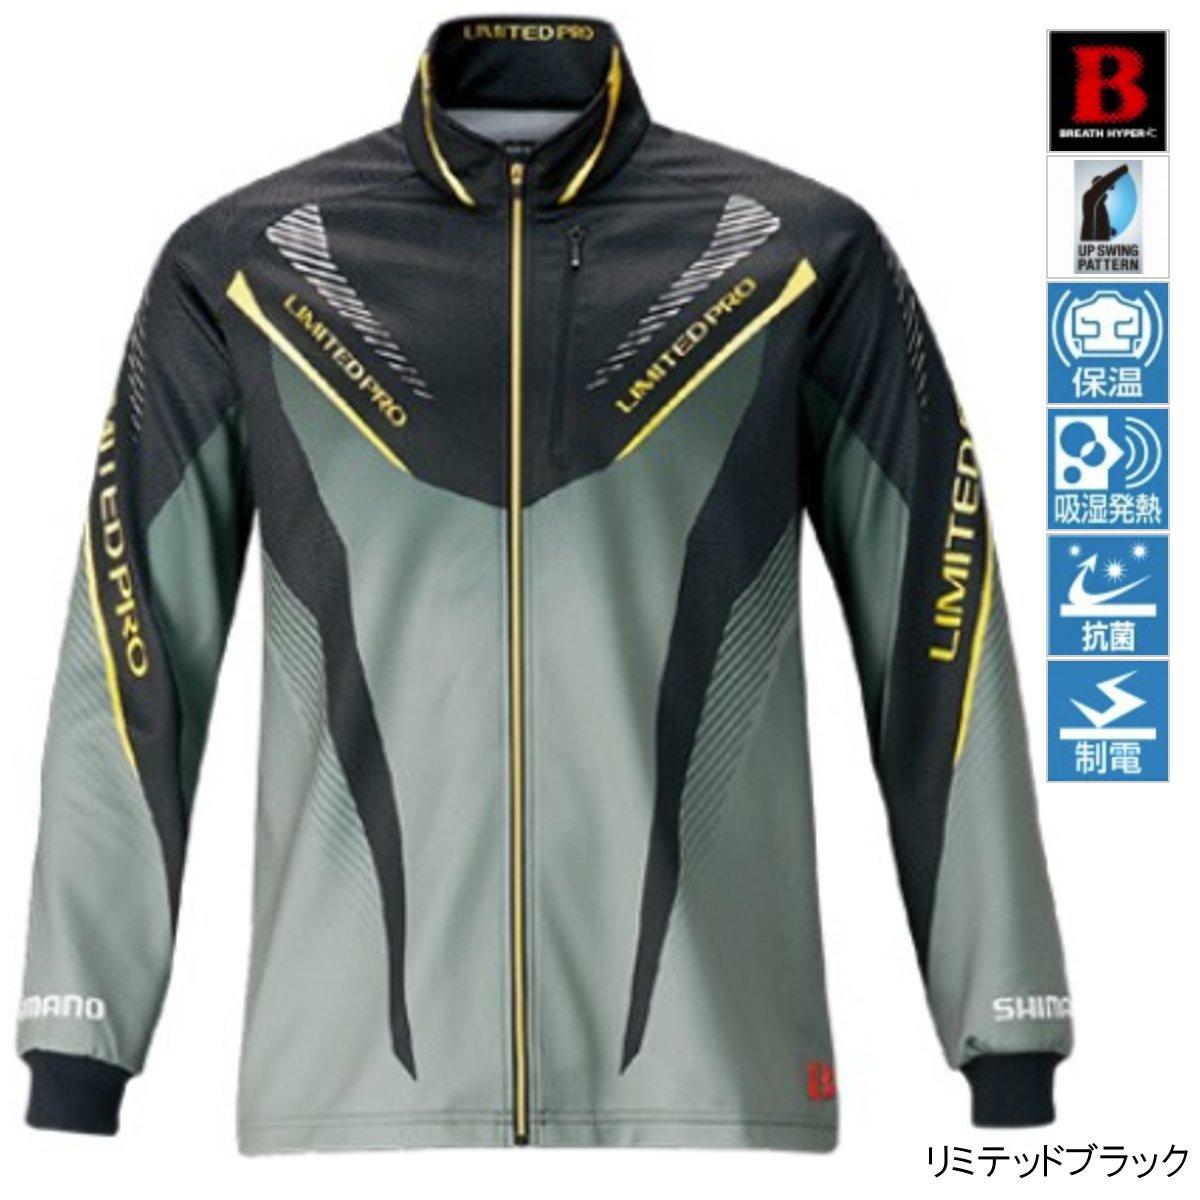 シマノ NEXUS ブレスハイパー+℃ ウォームシャツLIMITED PRO SH-131R XL リミテッドブラック